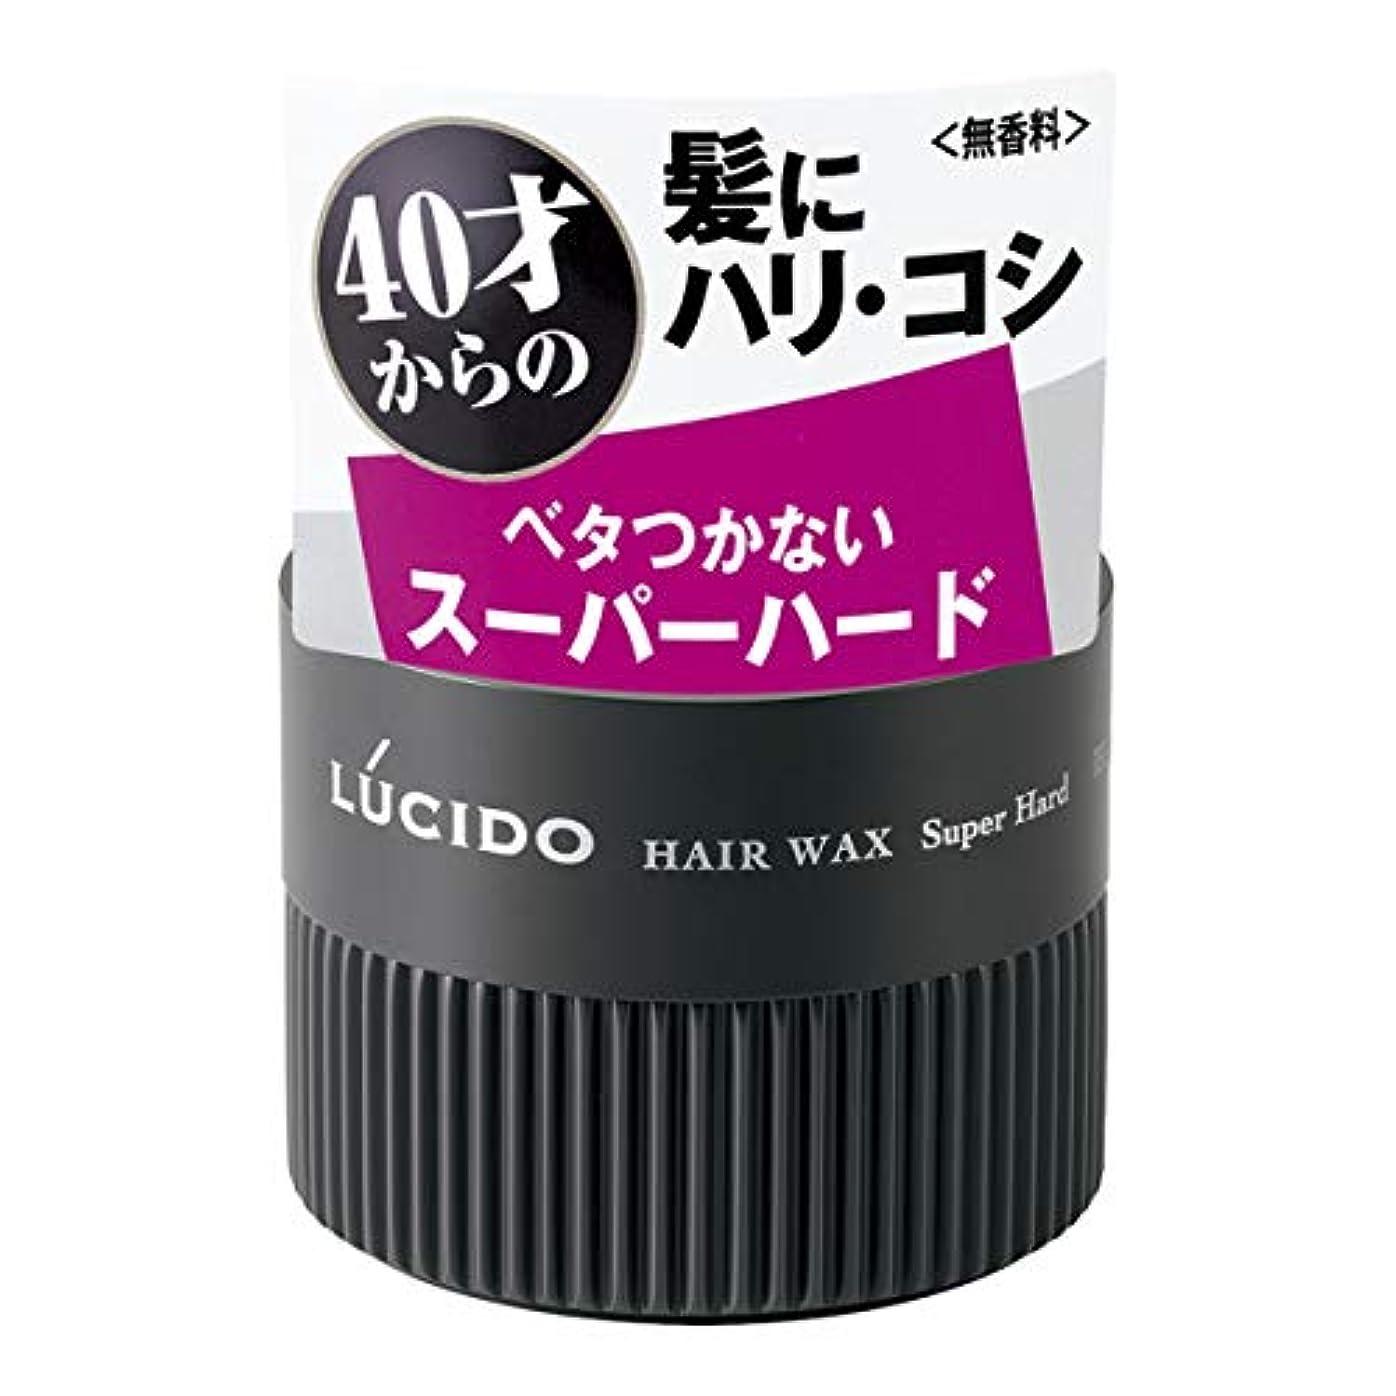 前件無駄な飢饉LUCIDO(ルシード) ヘアワックス スーパーハード 80g